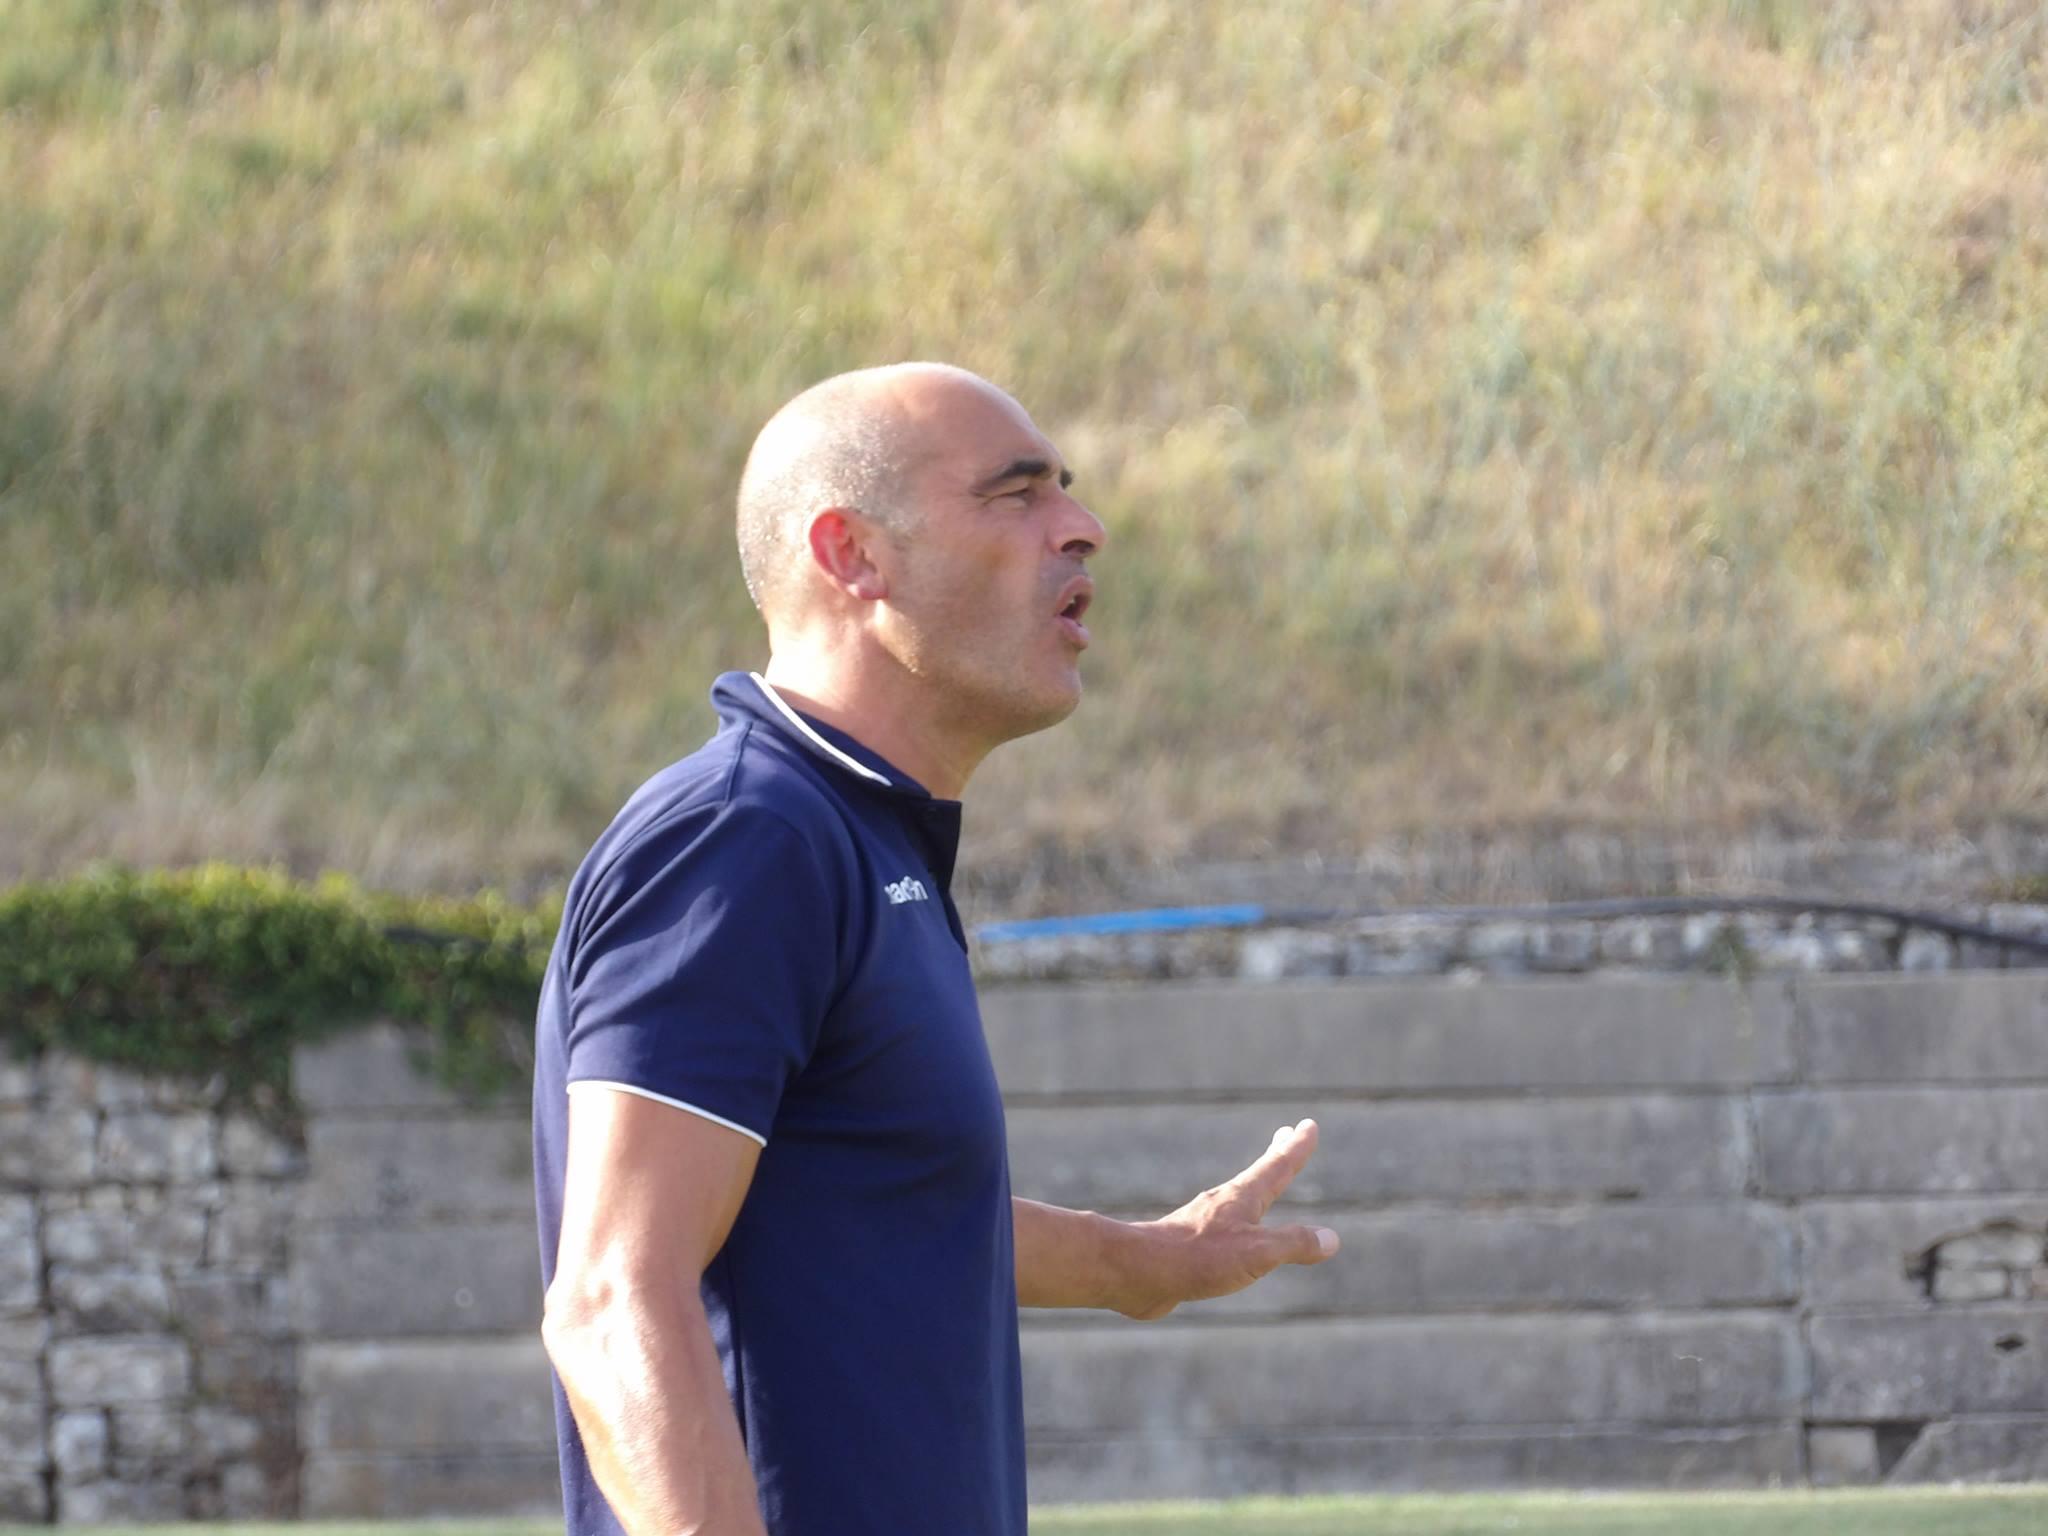 OSG Bosco, Emiliano Porrazzini 'Potevamo chiudere il match'